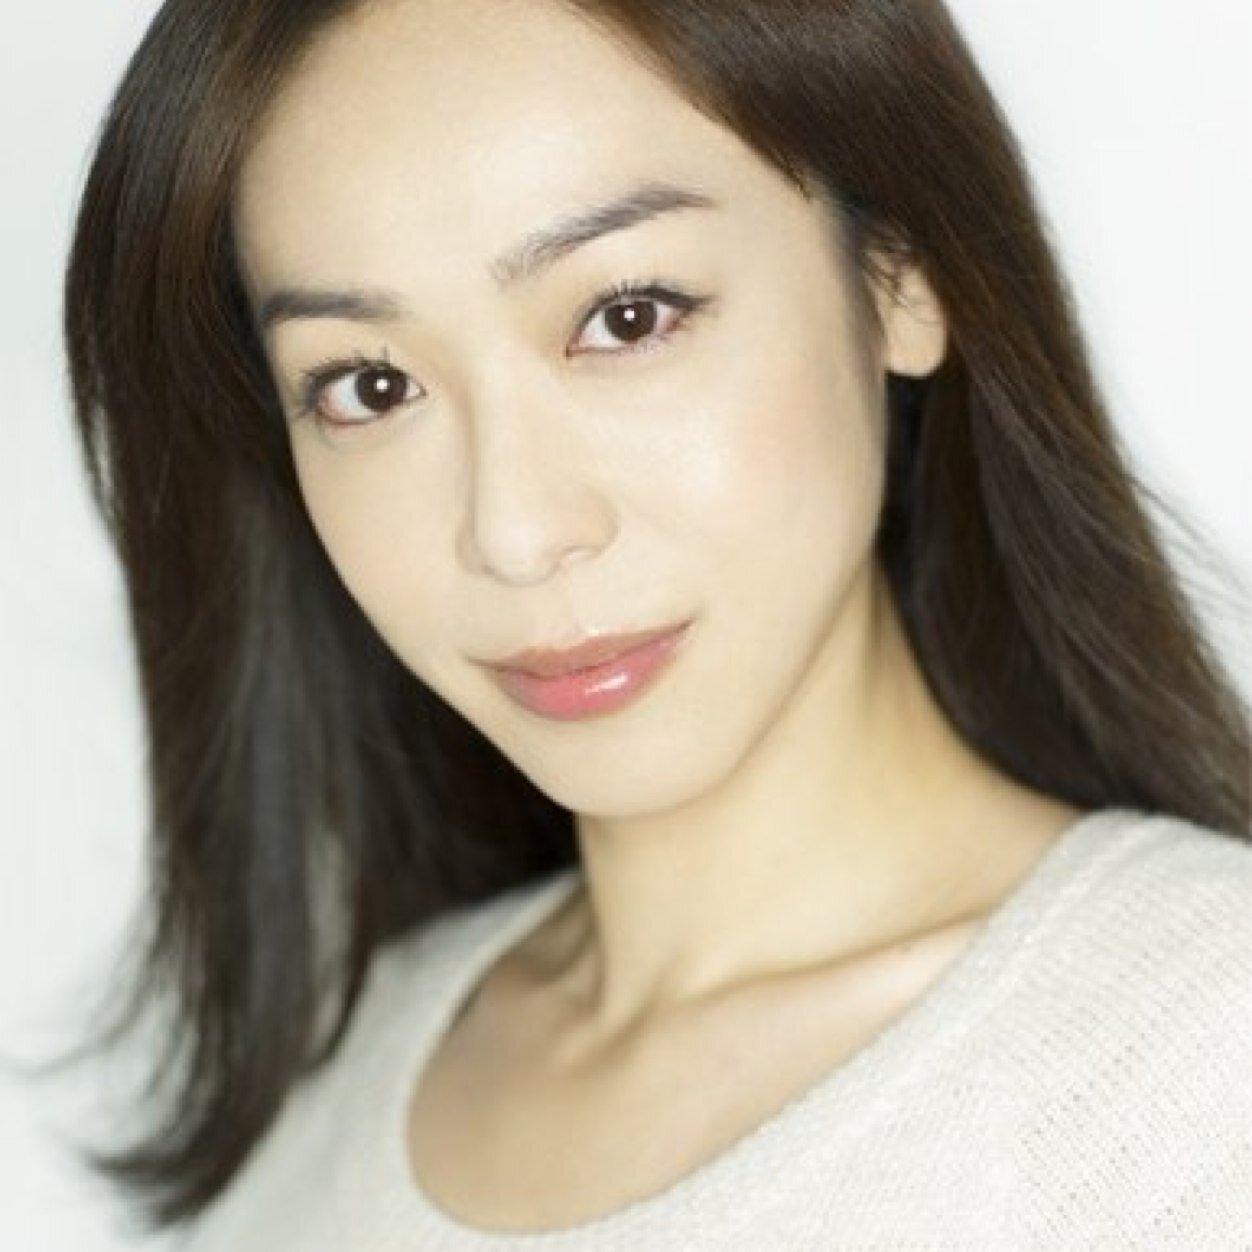 グラビアでも活躍・遊井亮子さんに結婚の話はあるんでしょうか?のサムネイル画像